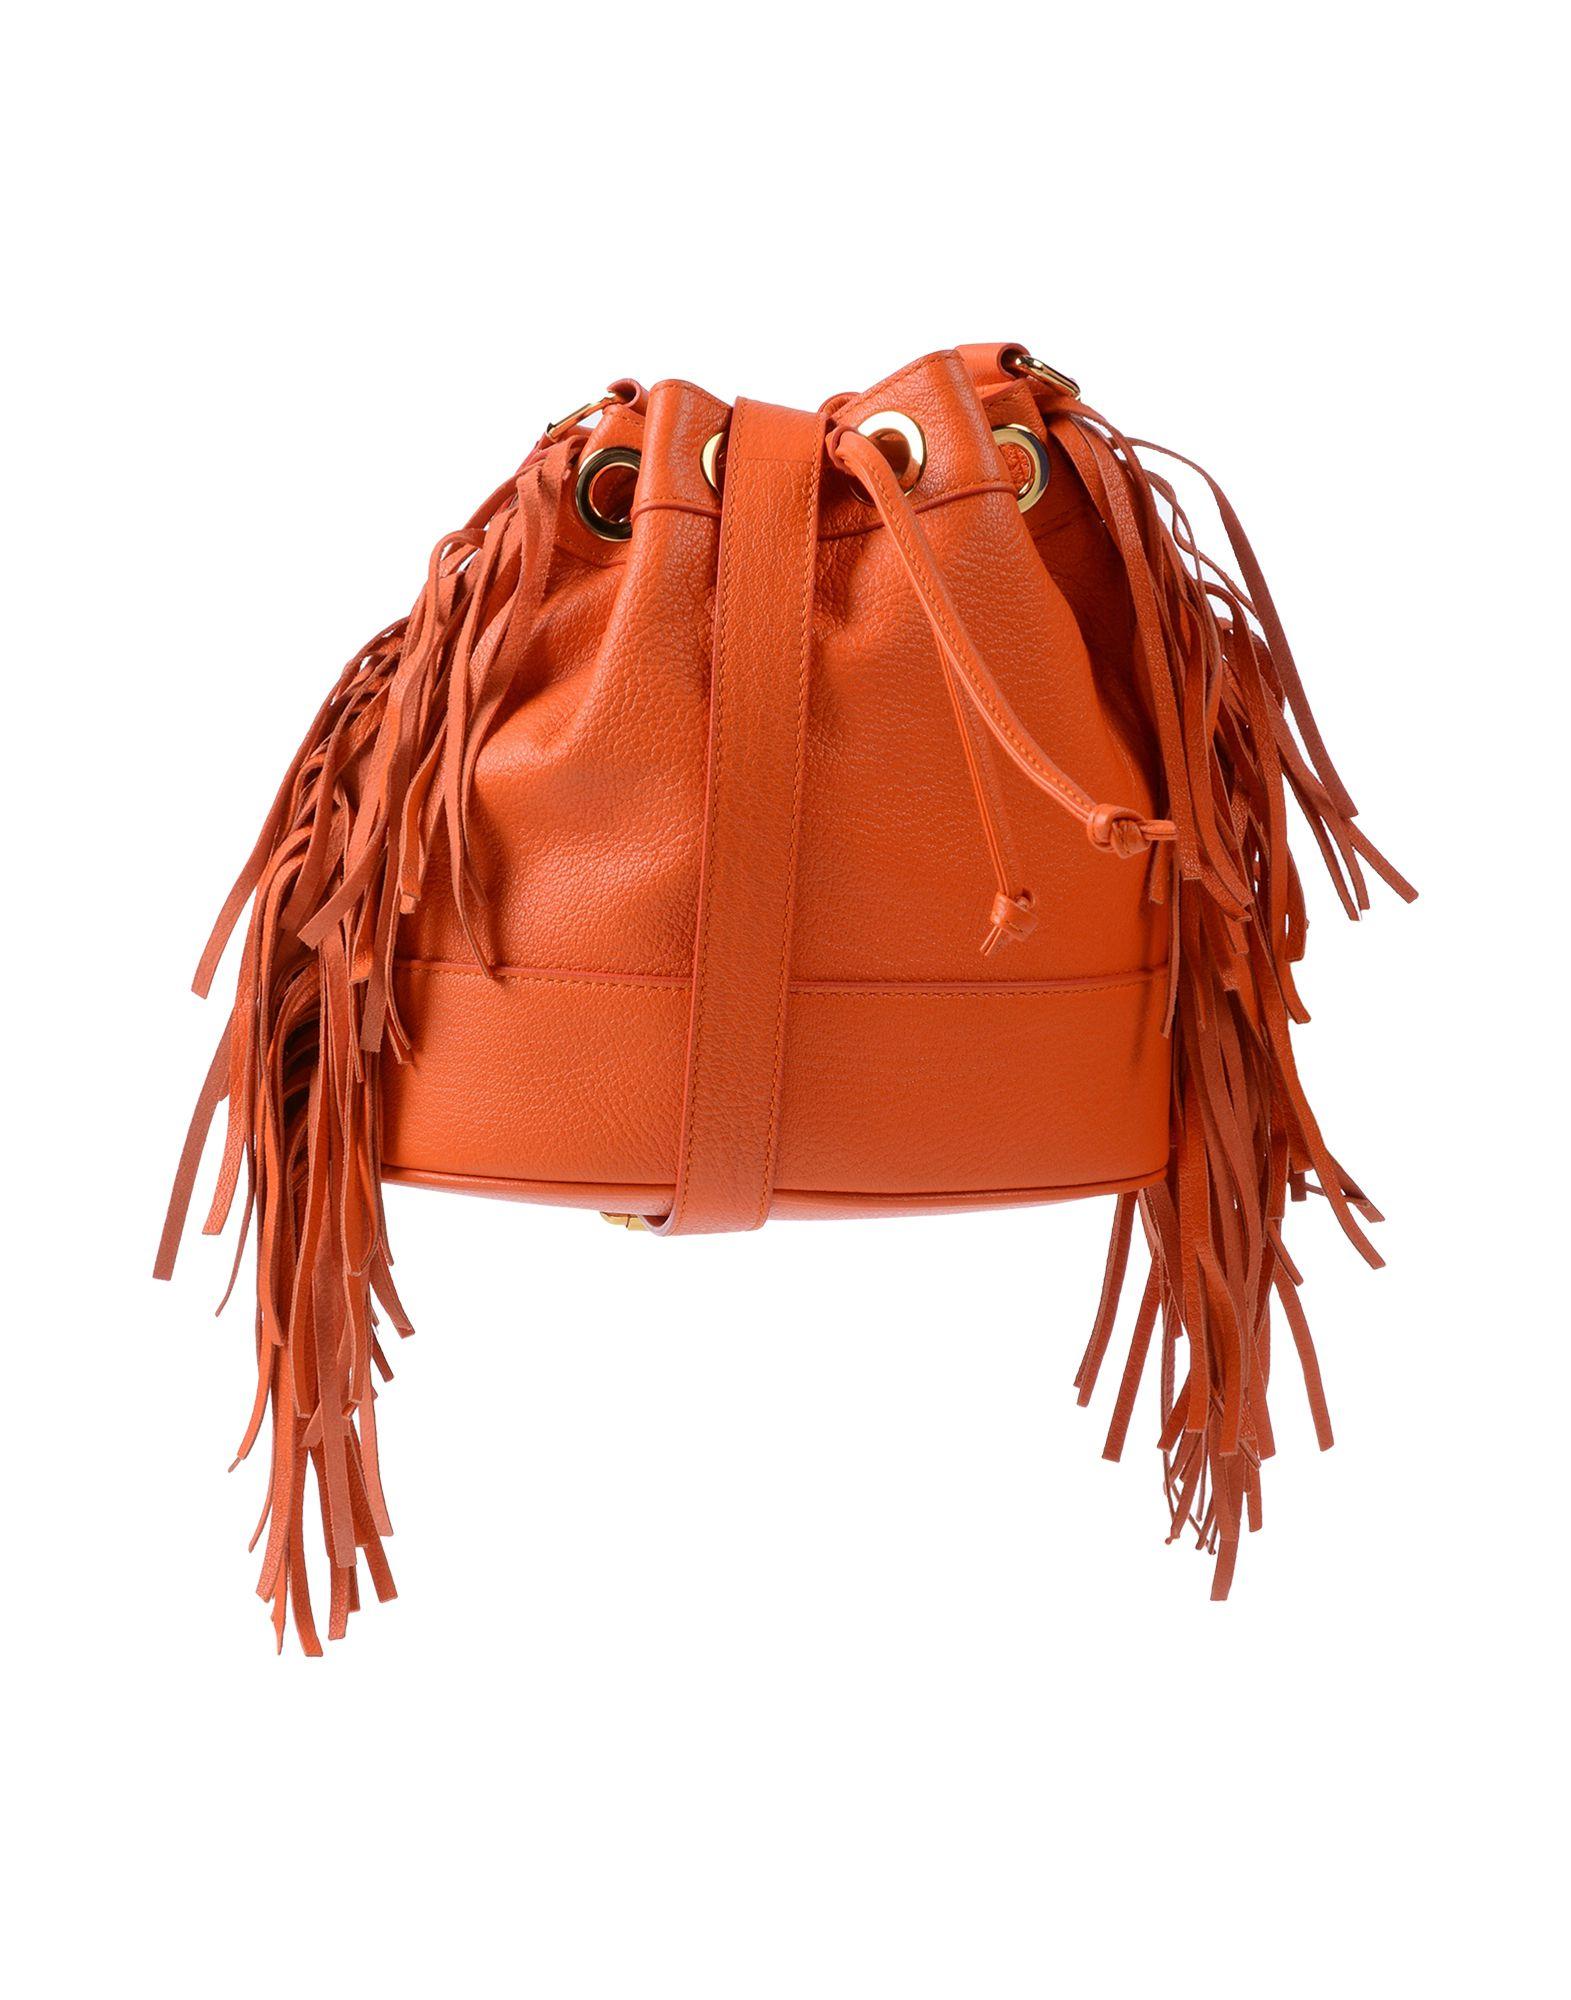 《送料無料》BOUTIQUE MOSCHINO レディース ハンドバッグ オレンジ 革